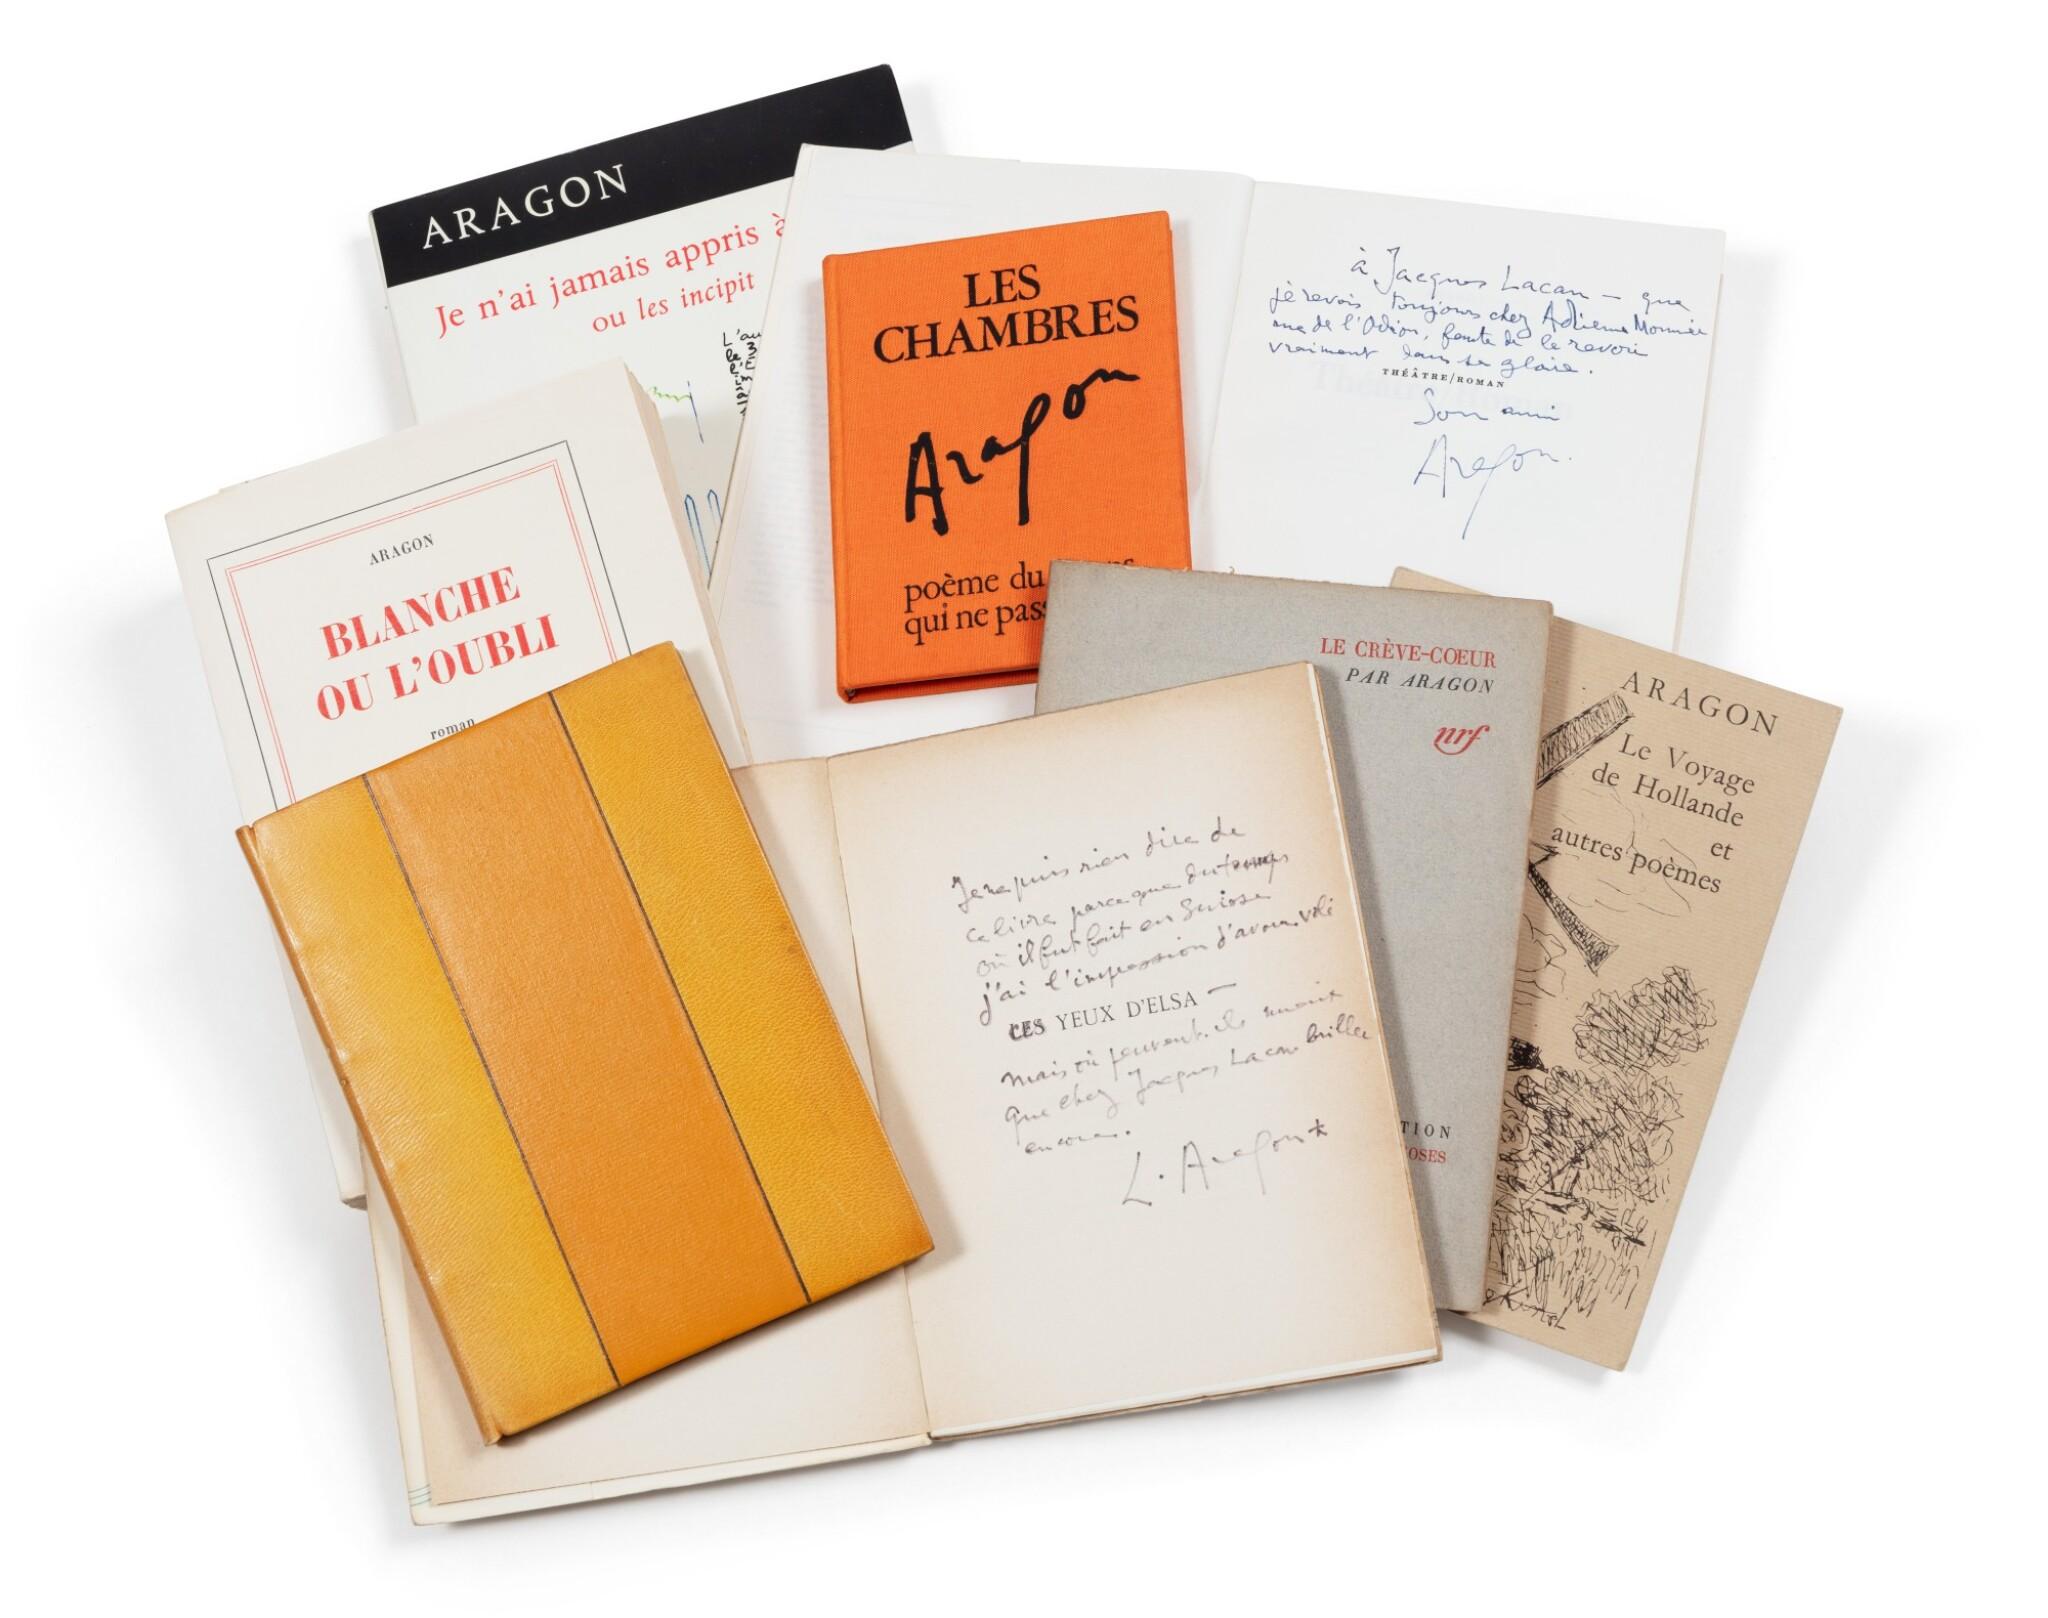 """View 1 of Lot 81. Ens. de 8 ouvrages avec envois à Jacques Lacan, dont """"Blanche ou L'Oubli"""", 1967, sur grand papier."""